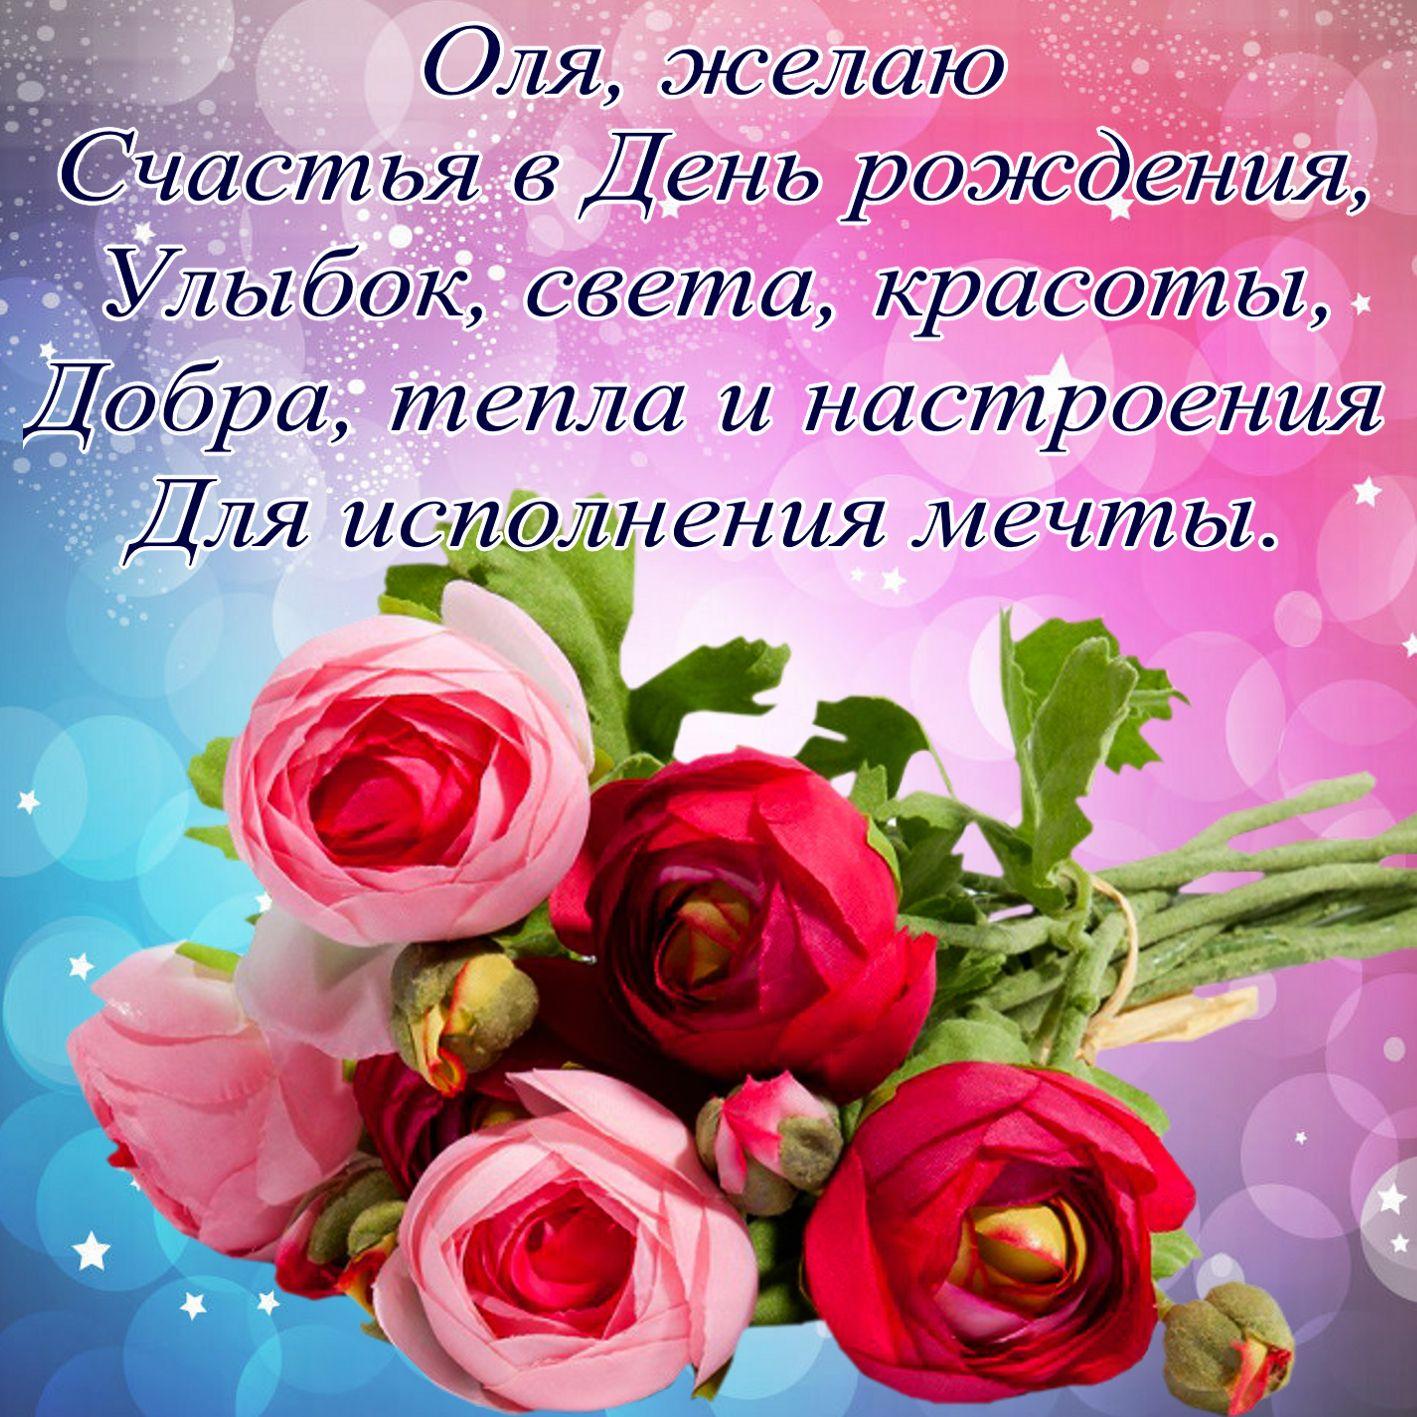 Поздравления с днем рождения матери от сына короткие